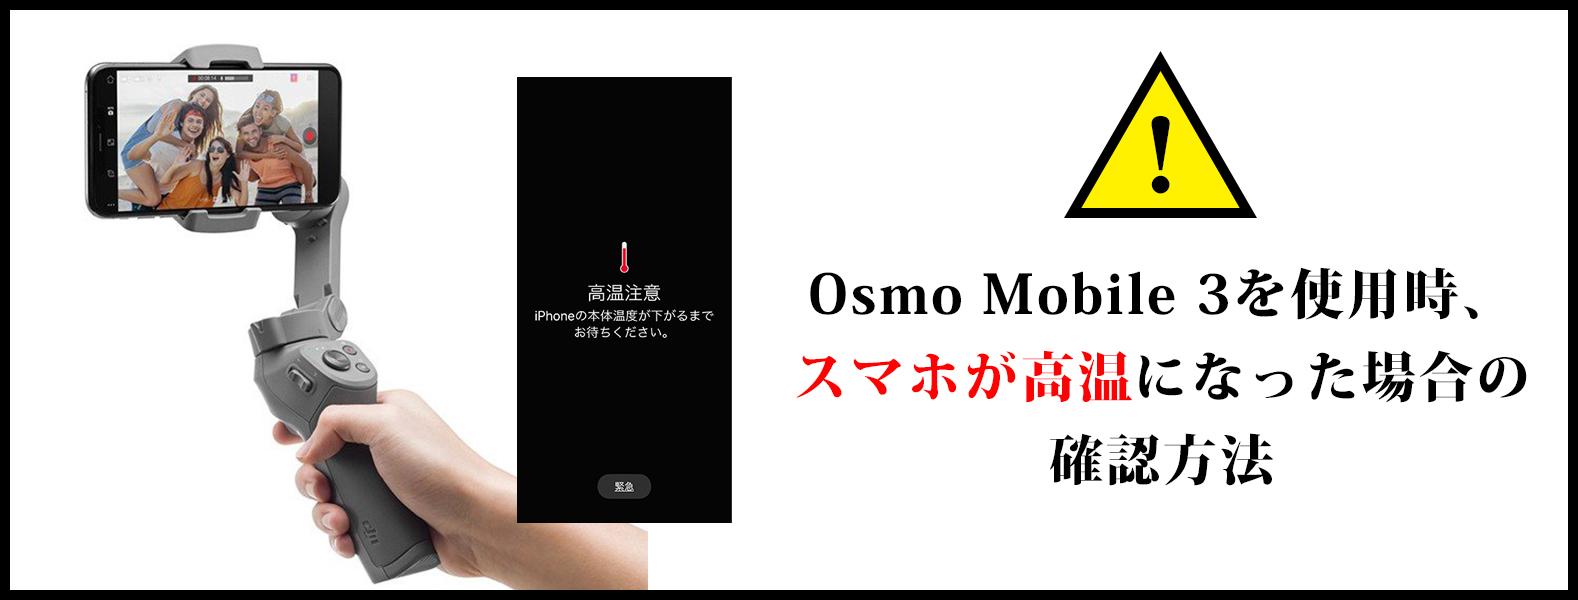 OSMO MOBILE 3を使用時、スマホが高温になったときの確認方法